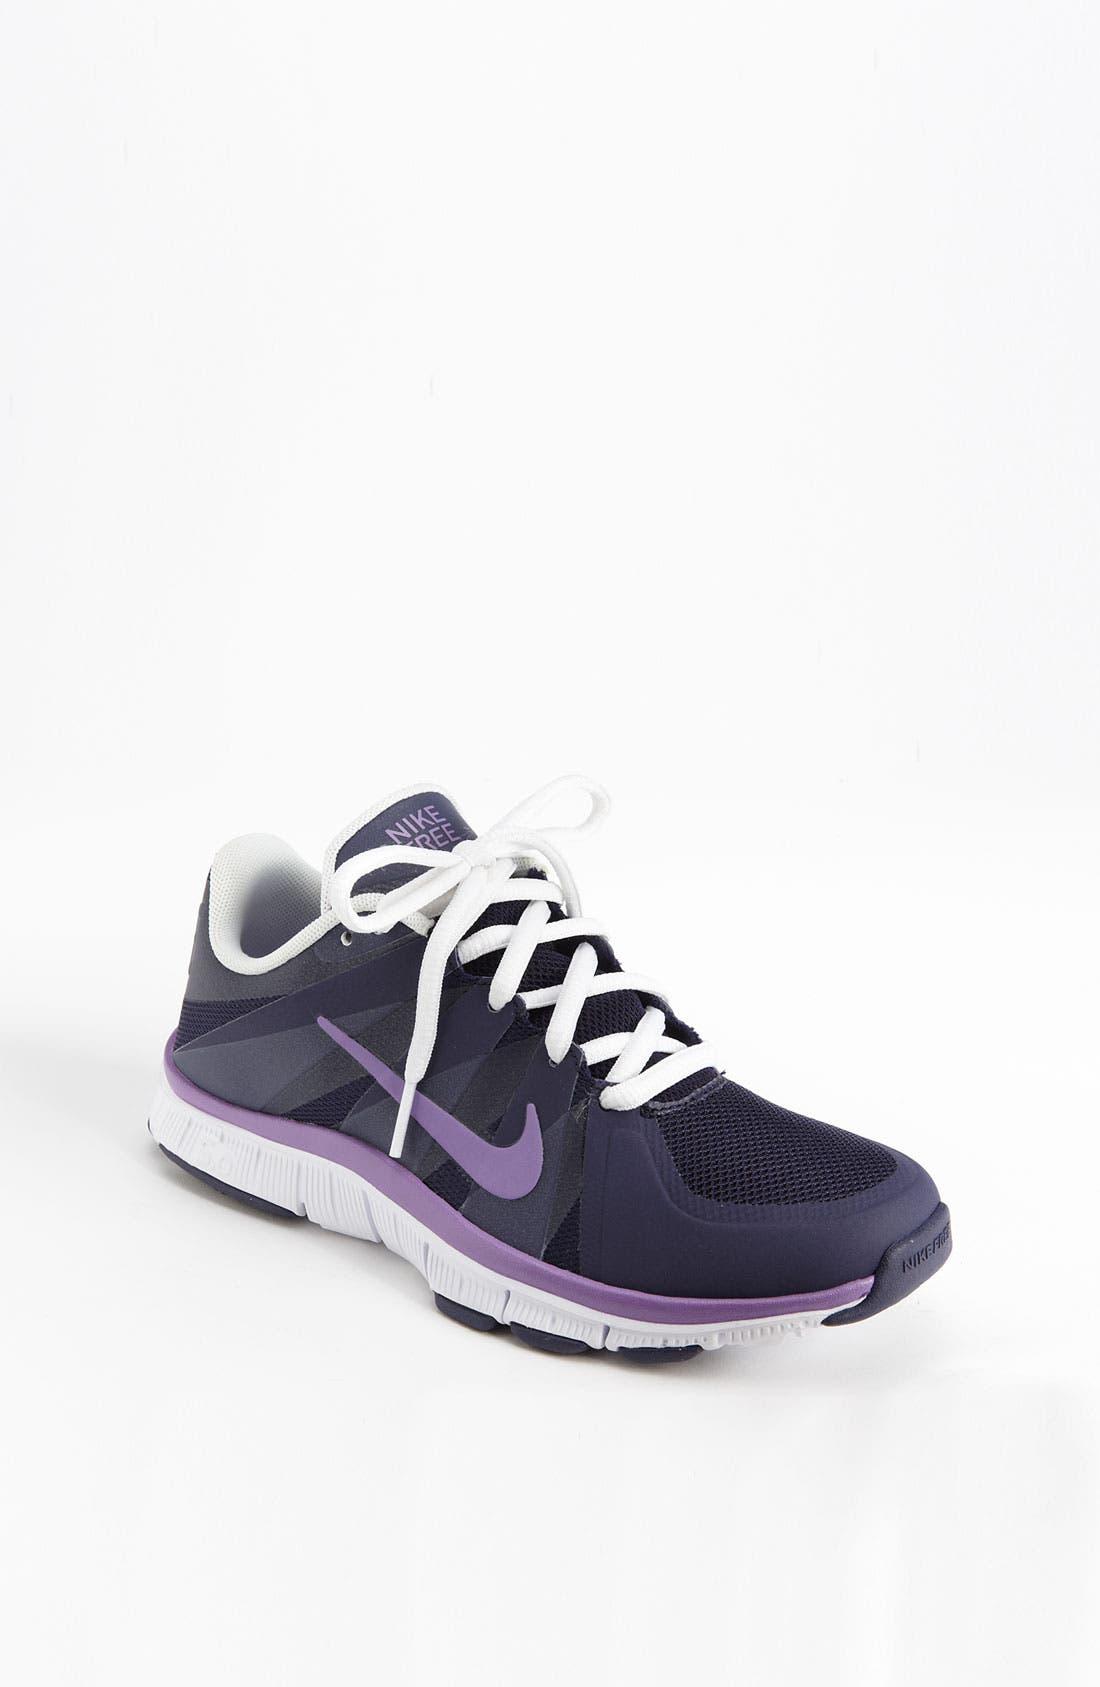 Alternate Image 1 Selected - Nike 'Free Trainer 5.0' Sneaker (Big Kid)